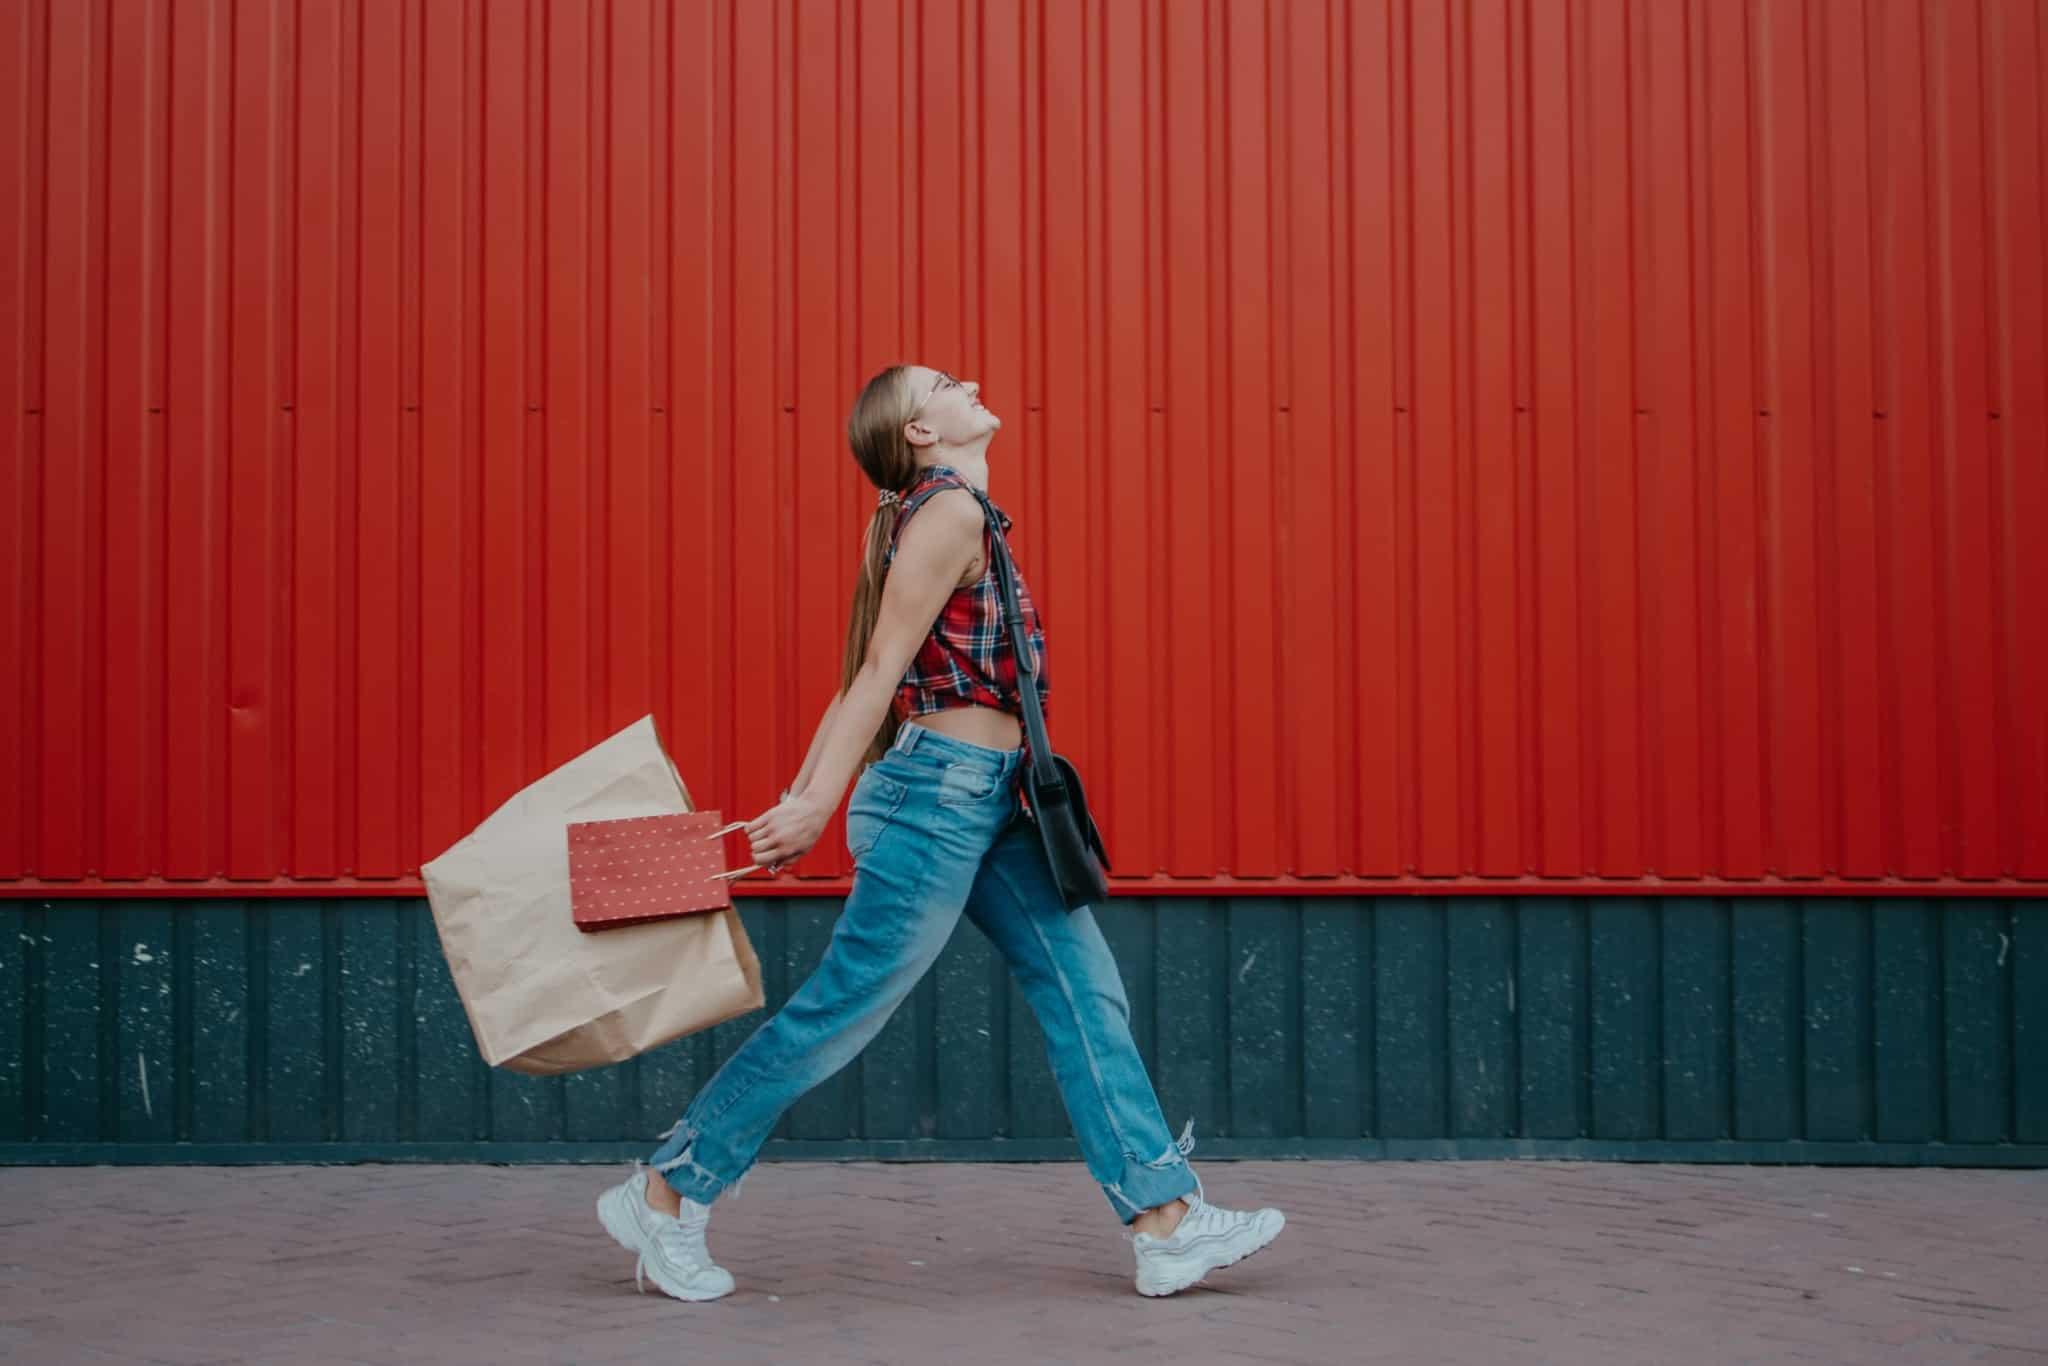 rapariga a andar com um saco de compras